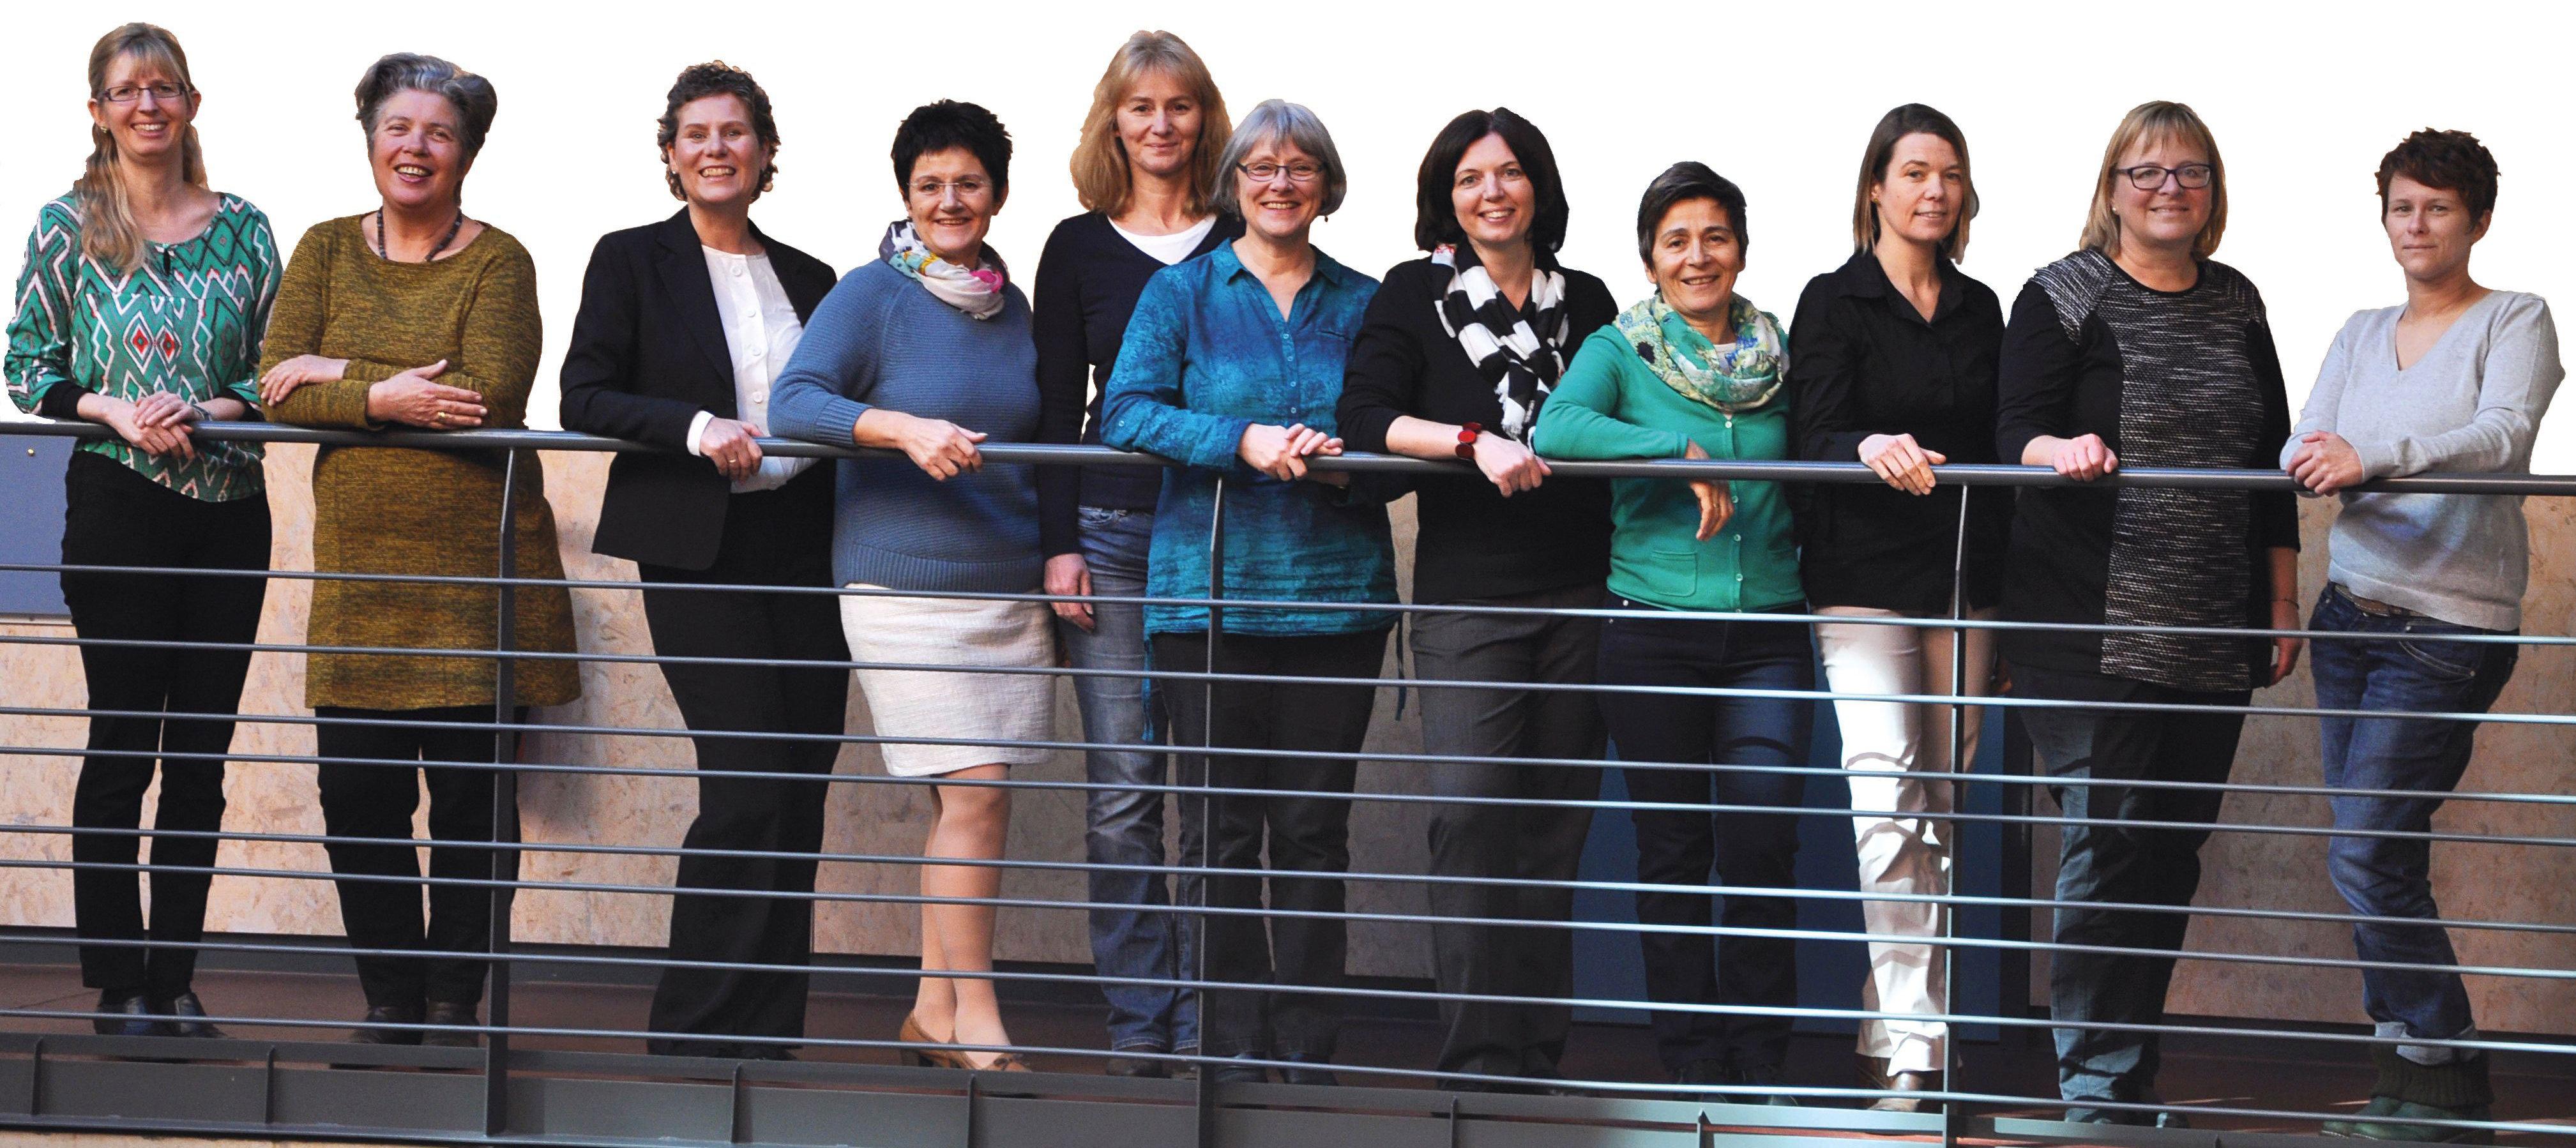 Quelle: Evangelische Frauen in Baden